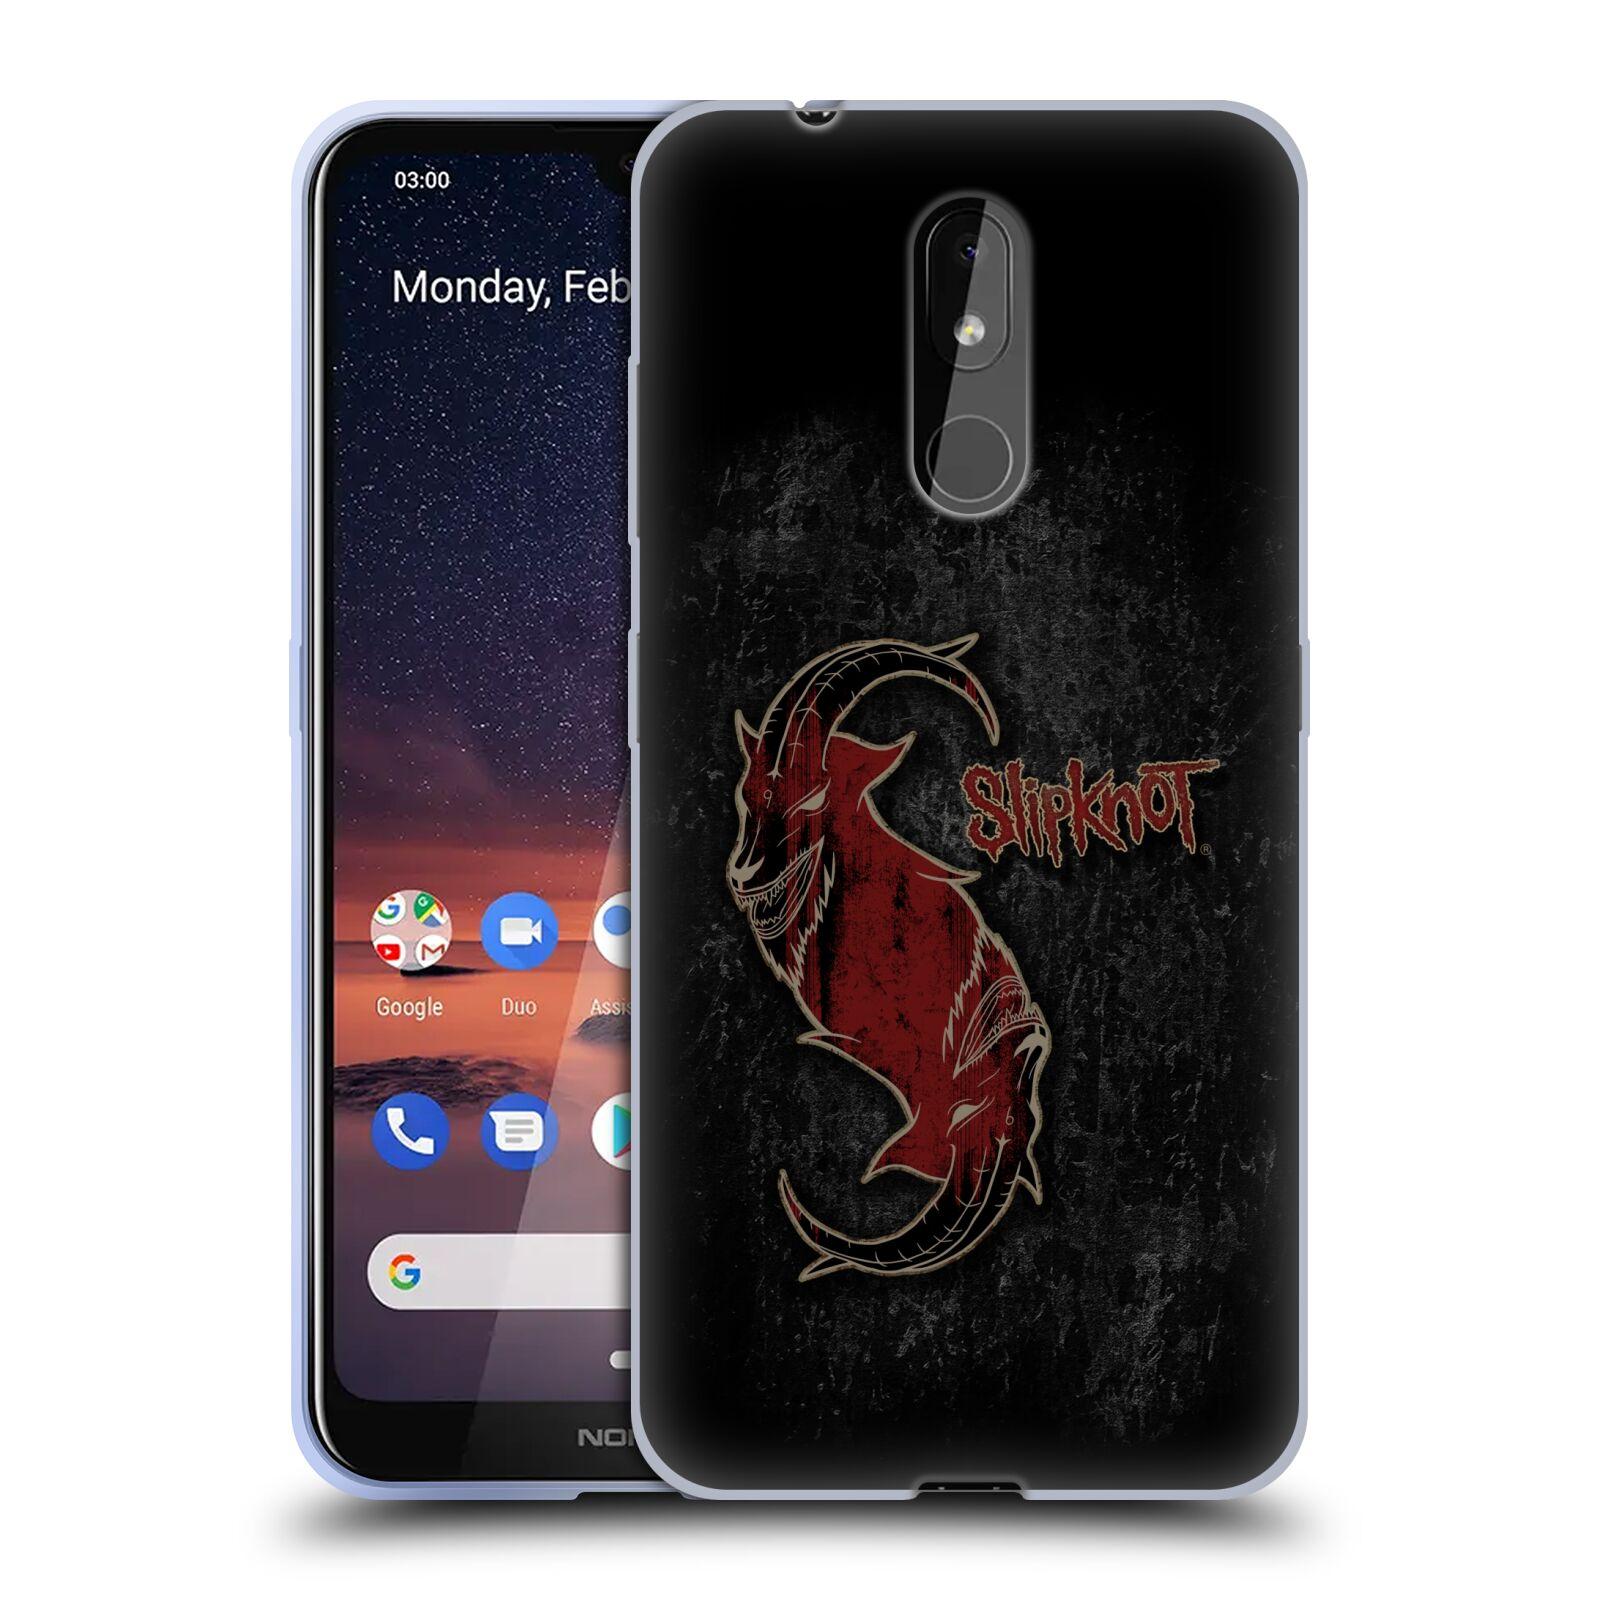 Silikonové pouzdro na mobil Nokia 3.2 - Head Case - Slipknot - Rudý kozel